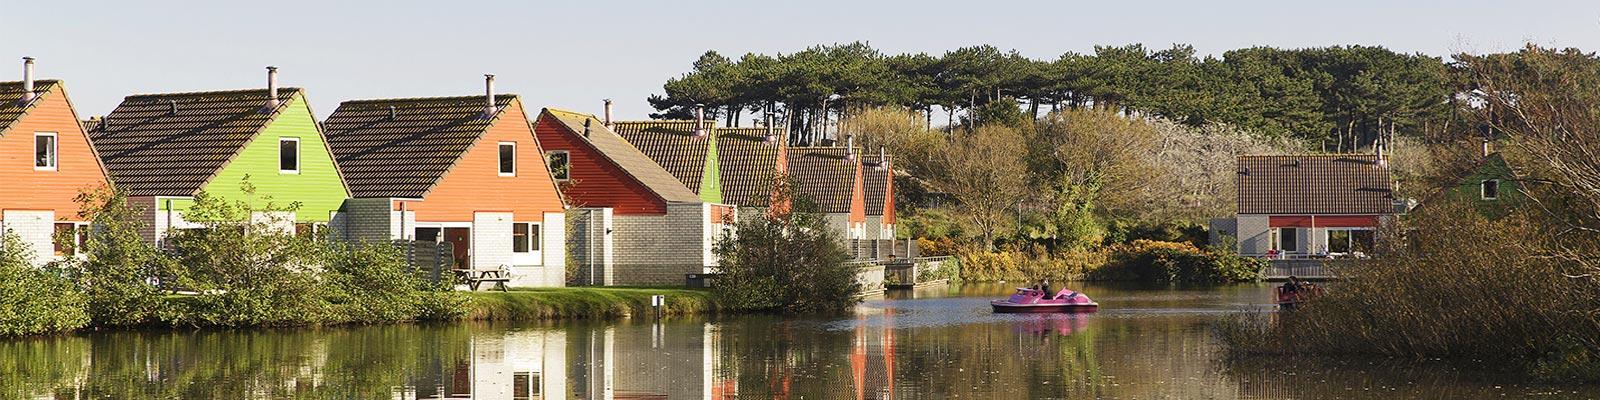 Vakantiepark in Zandvoort, nabij Amsterdam, Noord-Holland